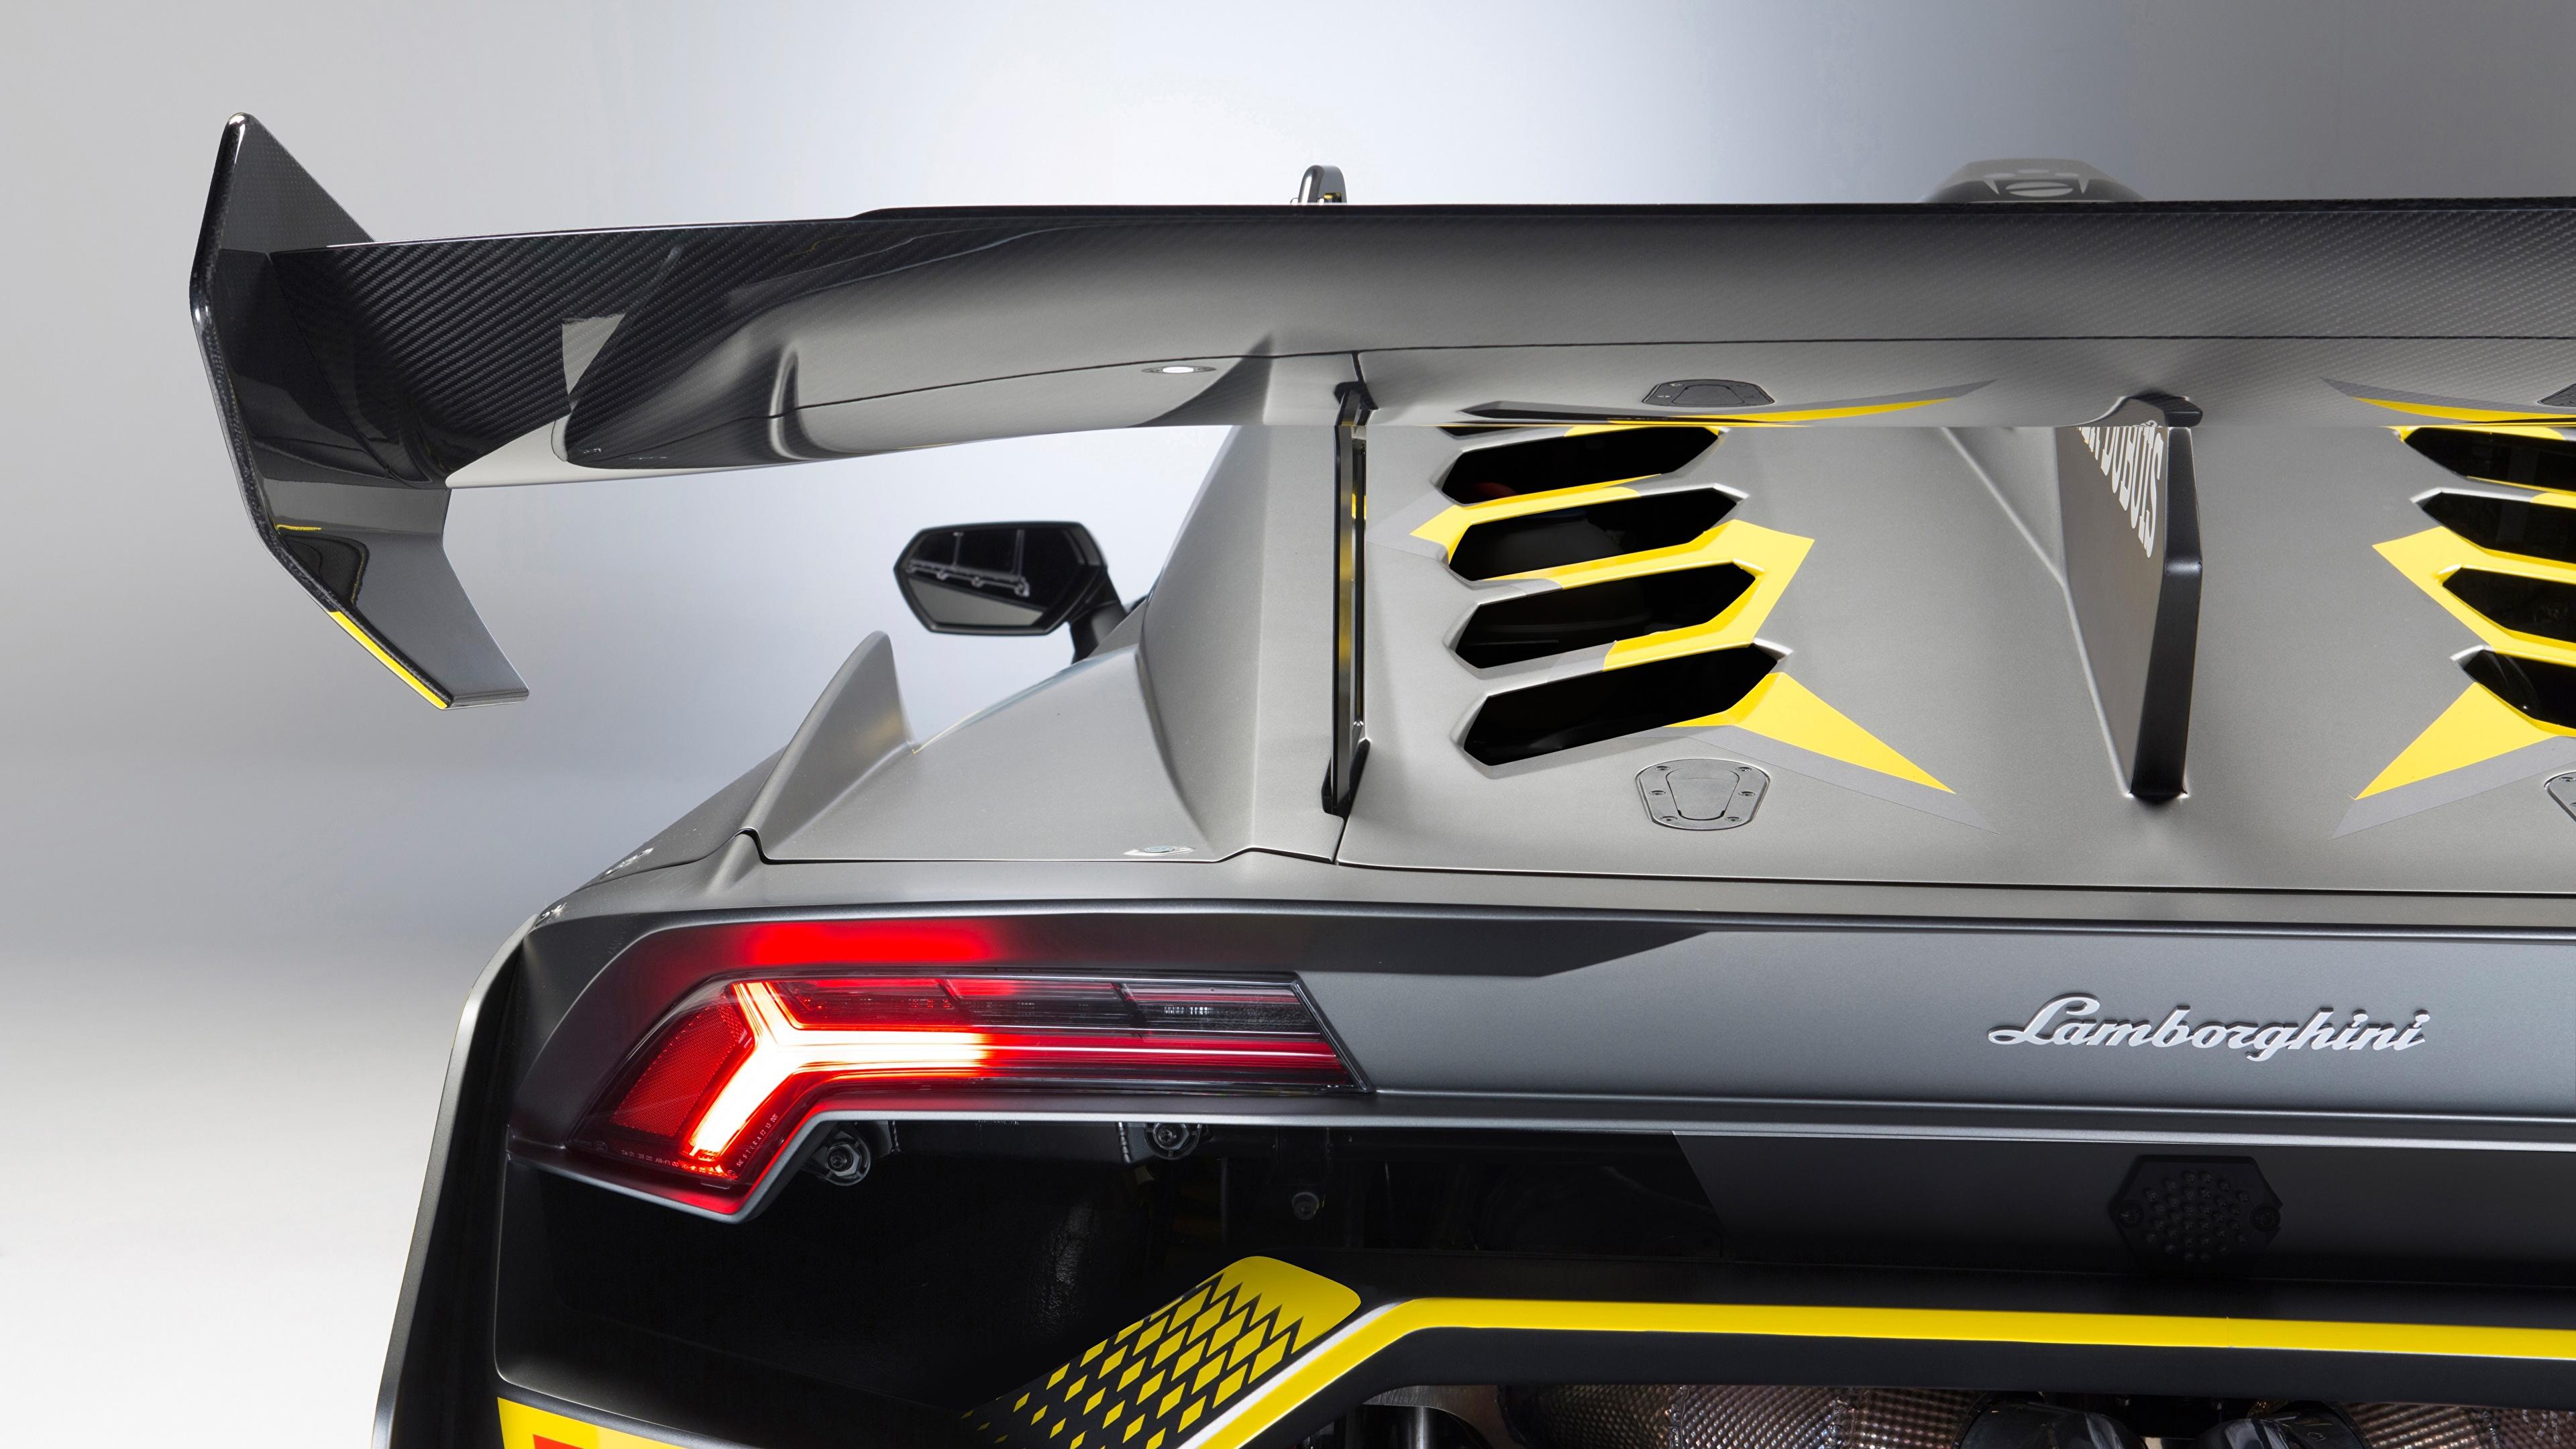 3840x2160 De cerca Lamborghini Huracan Super Trofeo Evo Vista Trasera Faro vehículo autos, automóvil, automóviles, el carro Coches